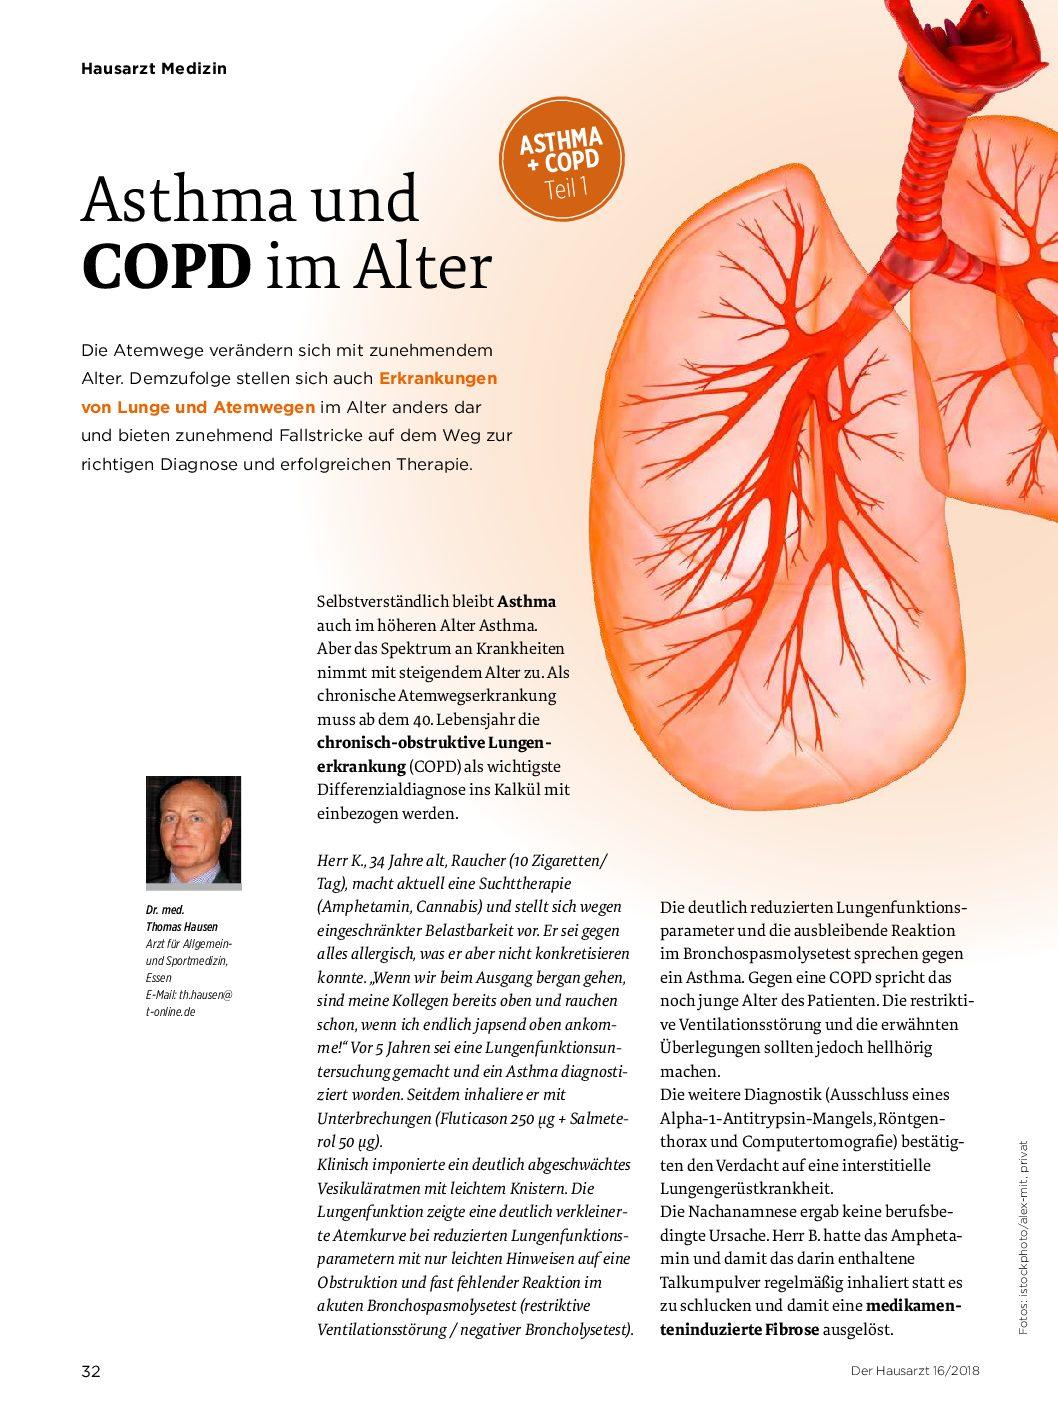 Asthma und COPD im Alter – Der Hausarzt